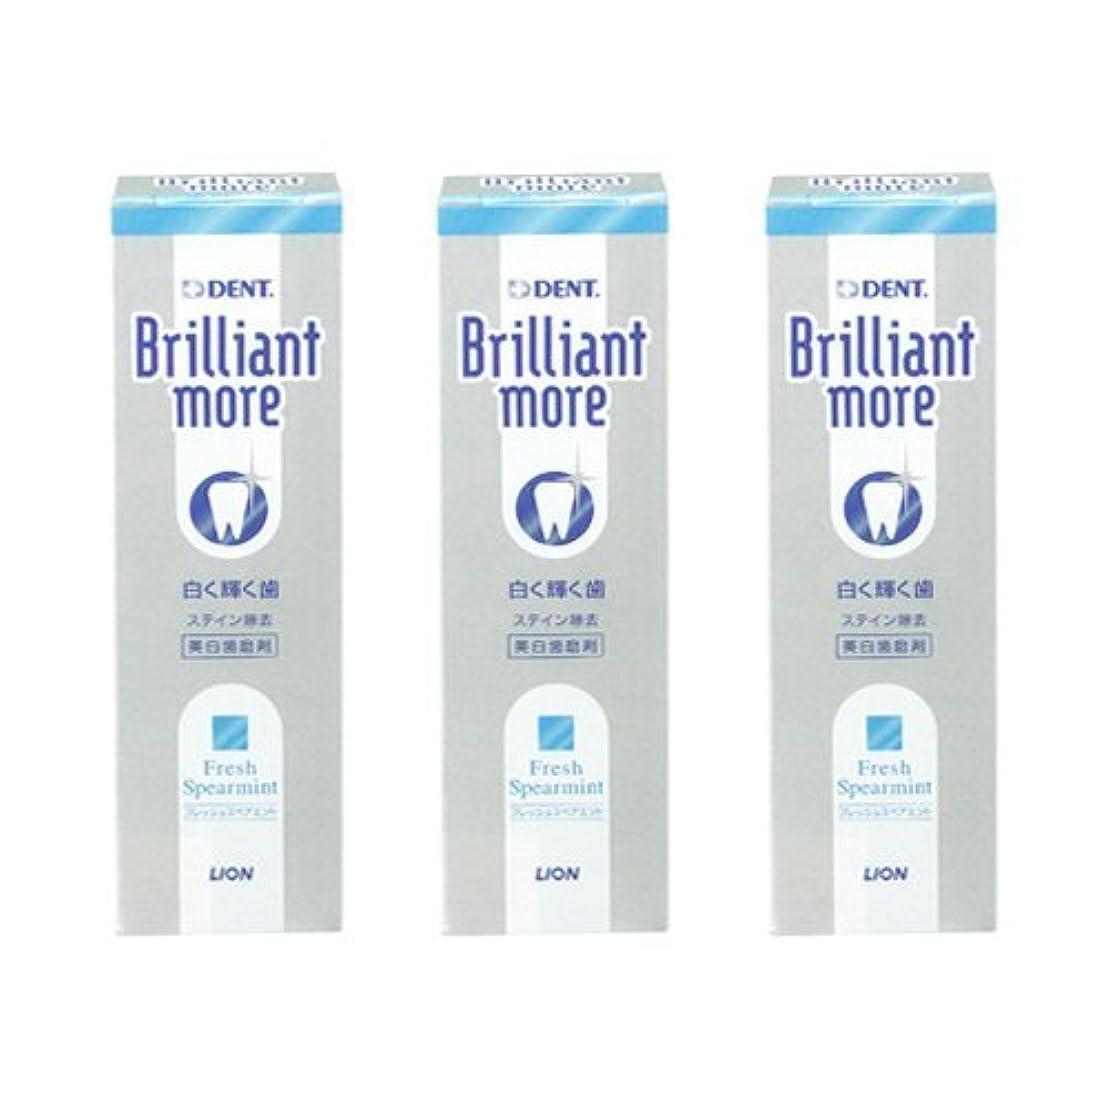 アーティスト示す幸福ライオン ブリリアントモア フレッシュスペアミント 3本セット 美白歯磨剤 LION Brilliant more